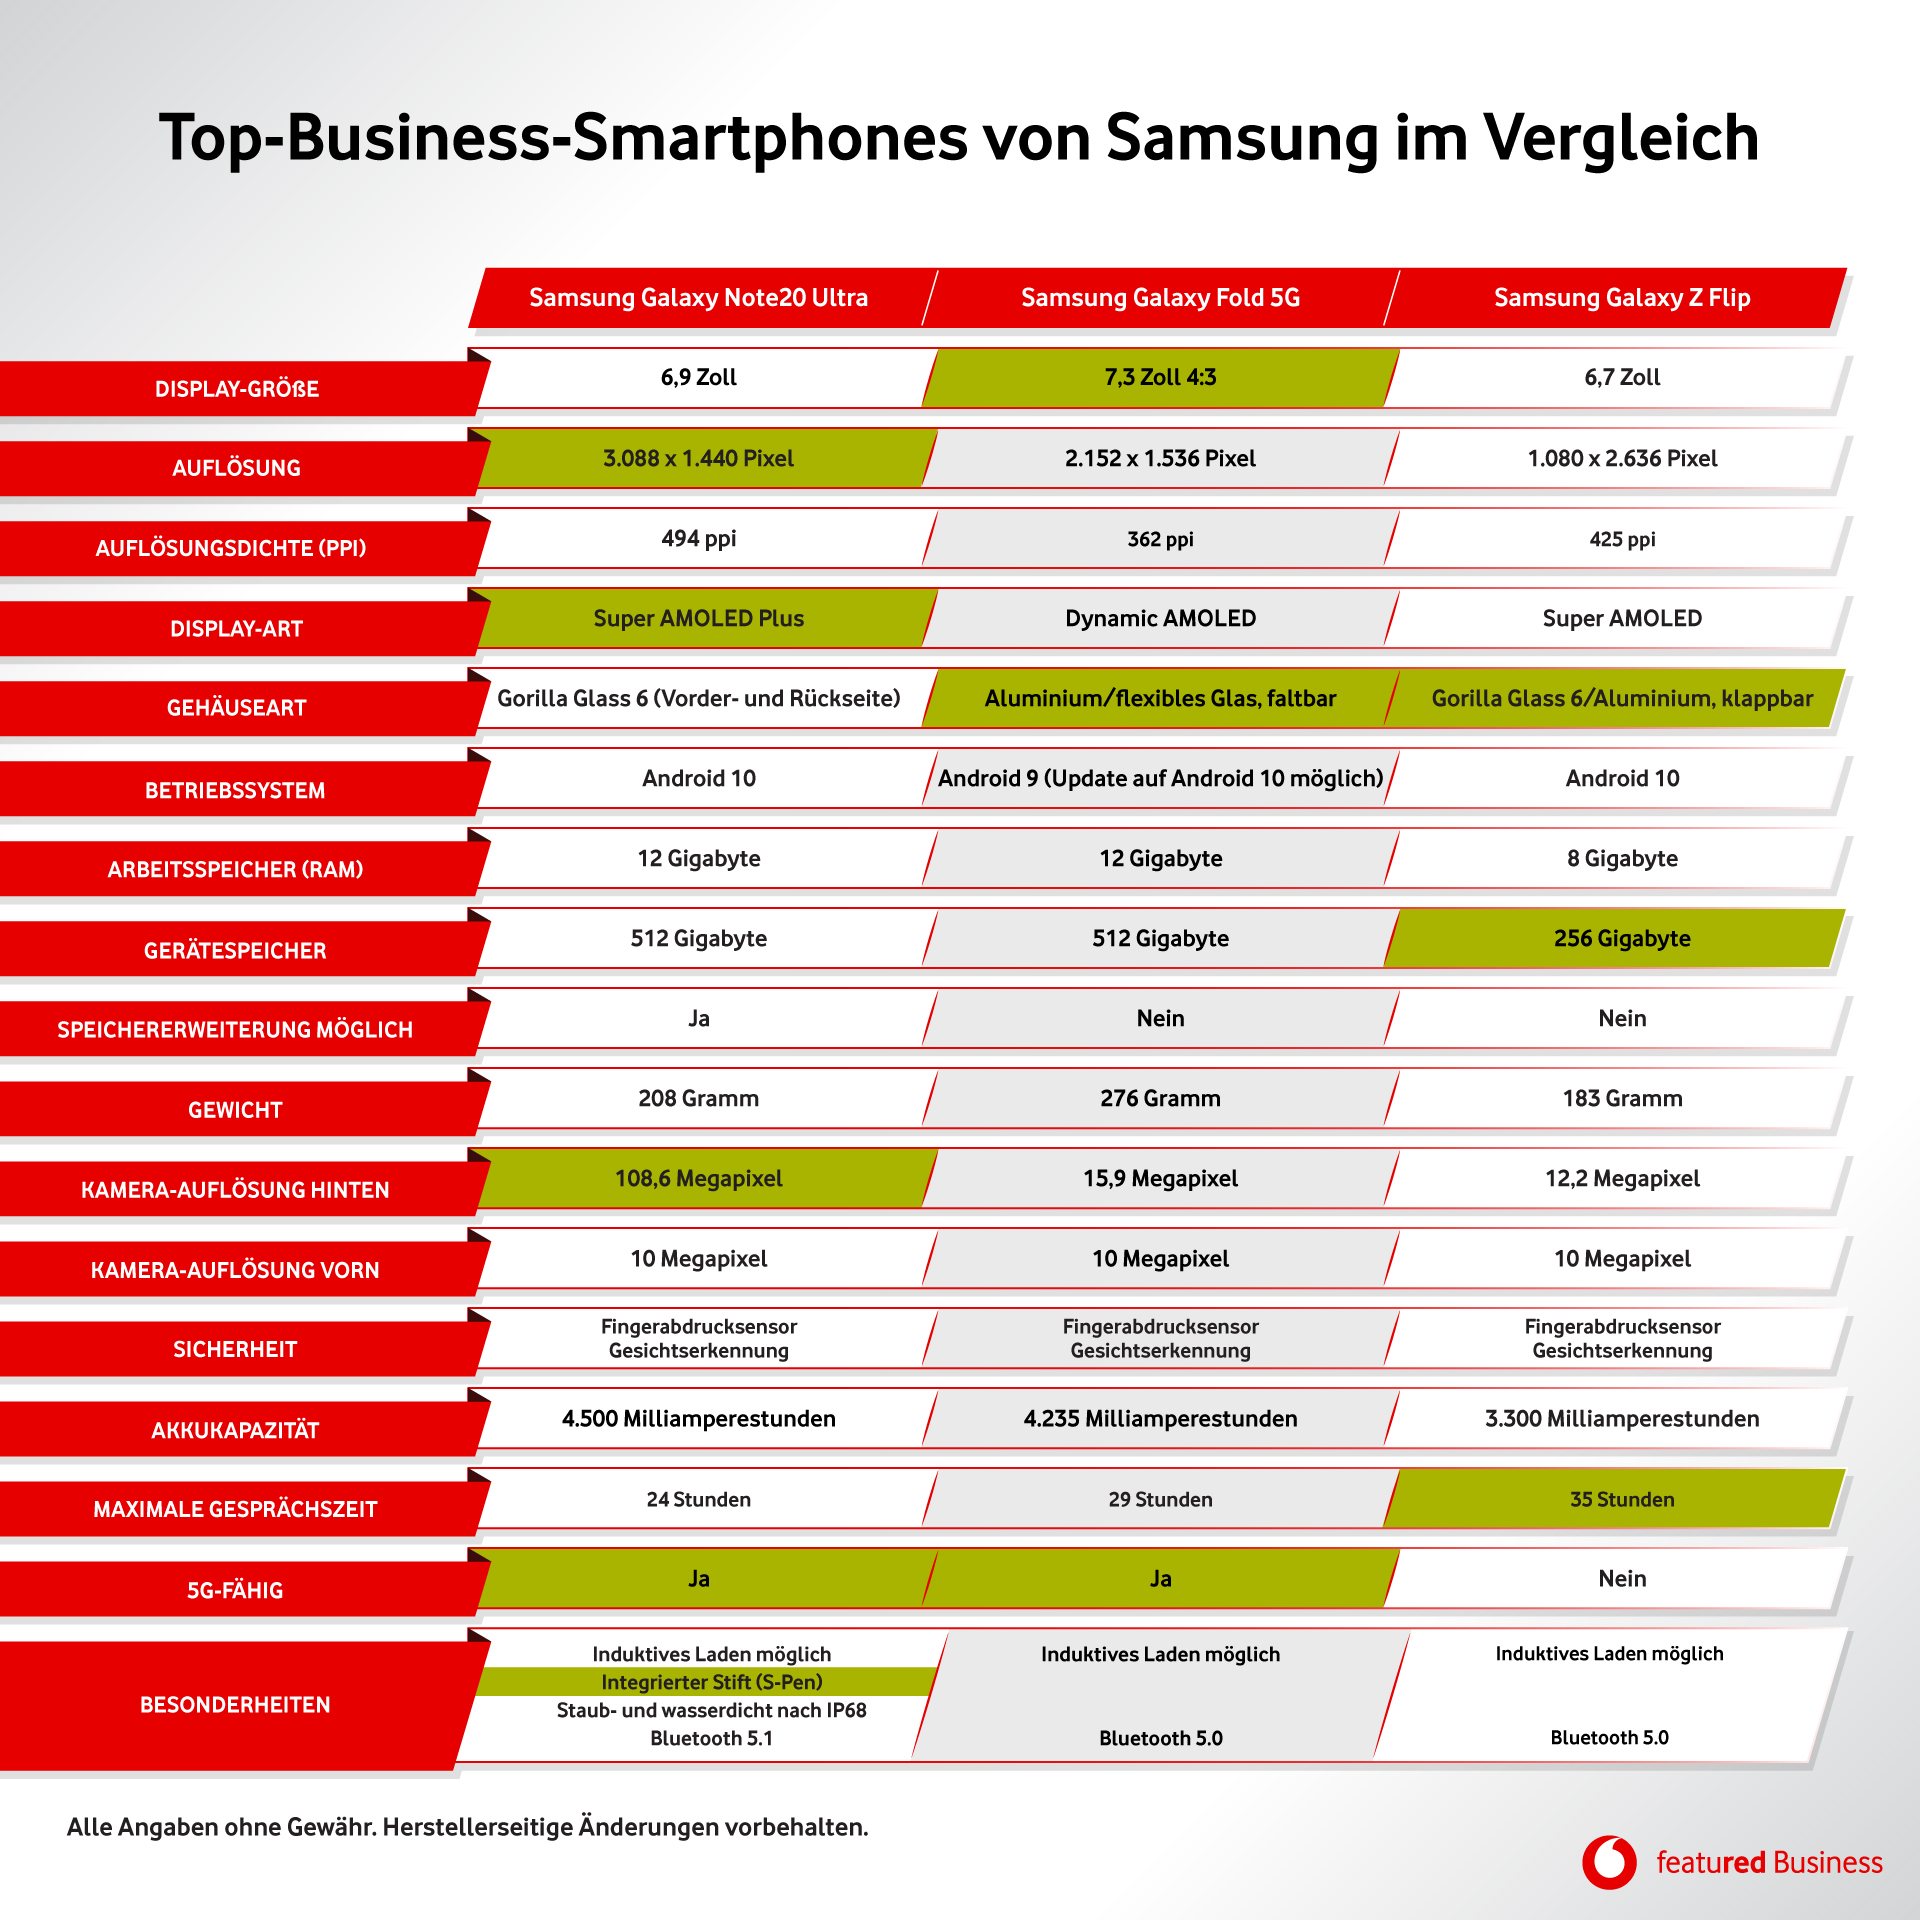 Samsung Note20 Ultra, Samsung Galaxy Fold und Samsung Galaxy Z Flip im tabellarischen Vergleich